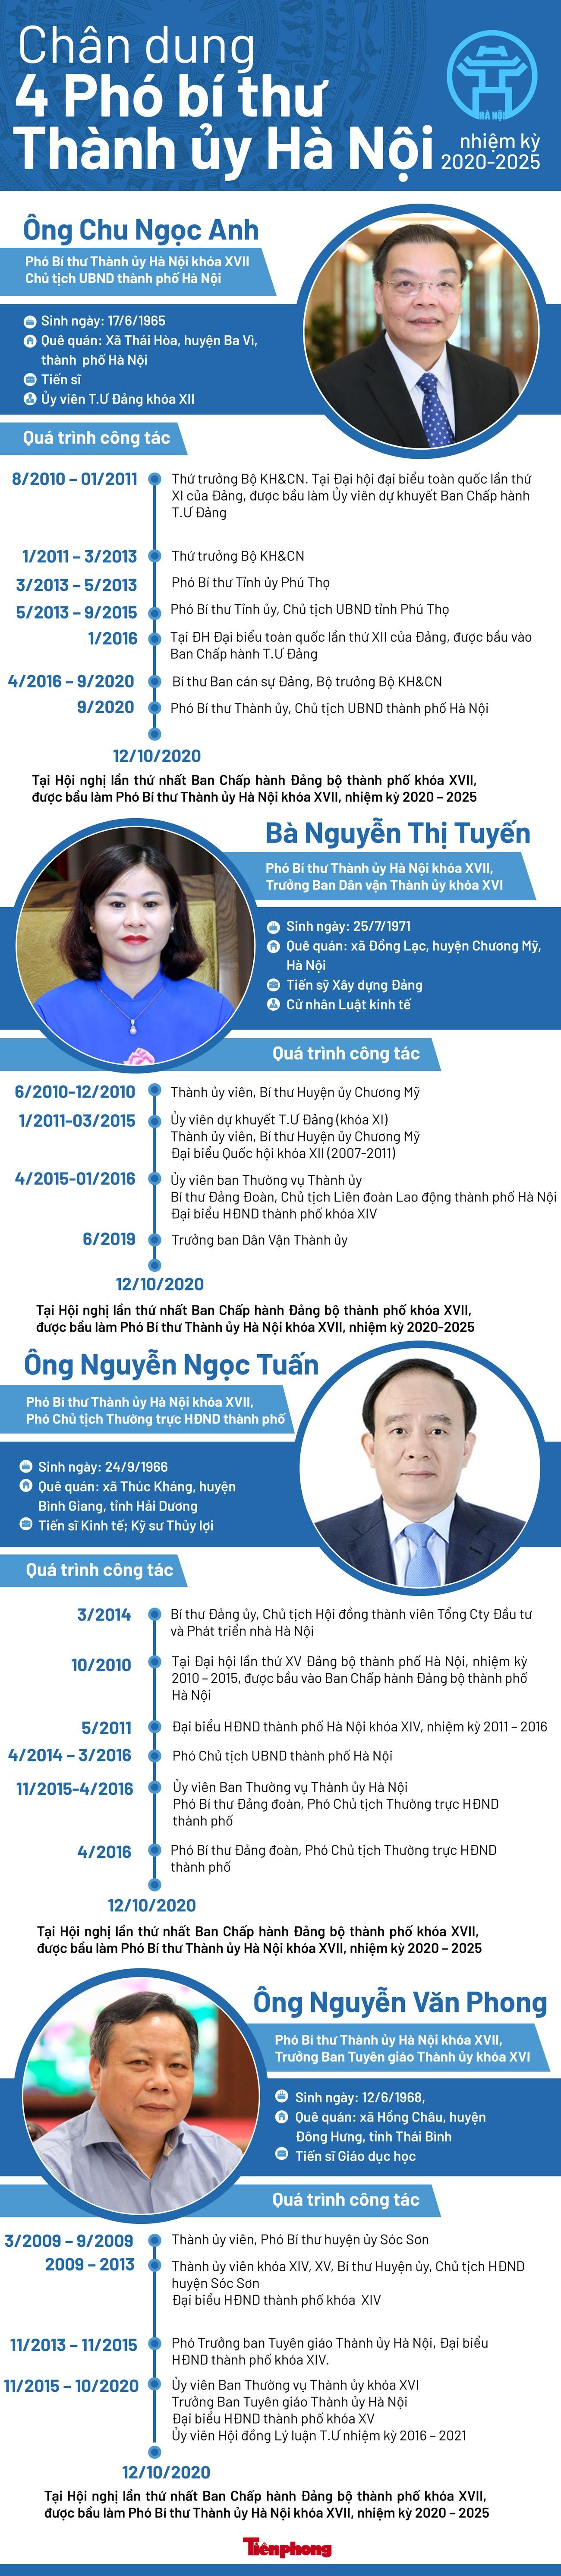 Chân dung 4 Phó Bí thư Thành ủy Hà Nội nhiệm kỳ 2020-2025 ảnh 1